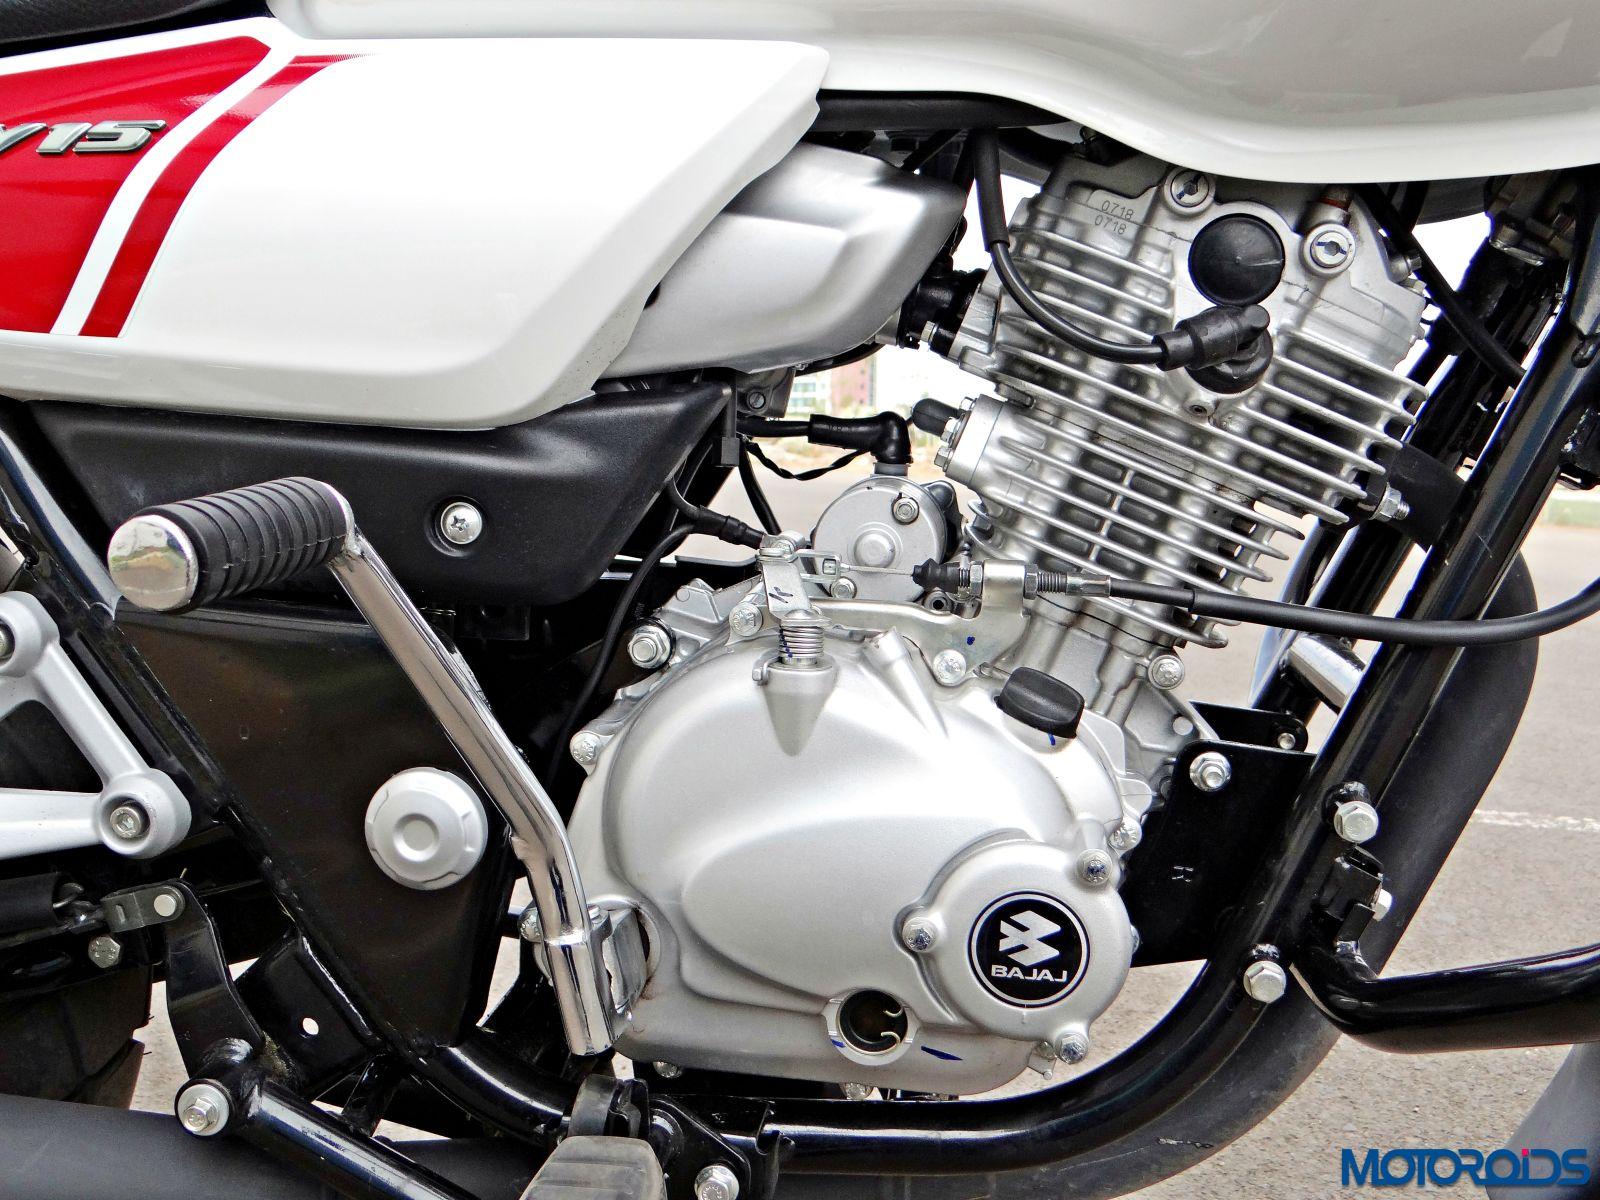 Bajaj V15 - Review - Details - Engine (3)